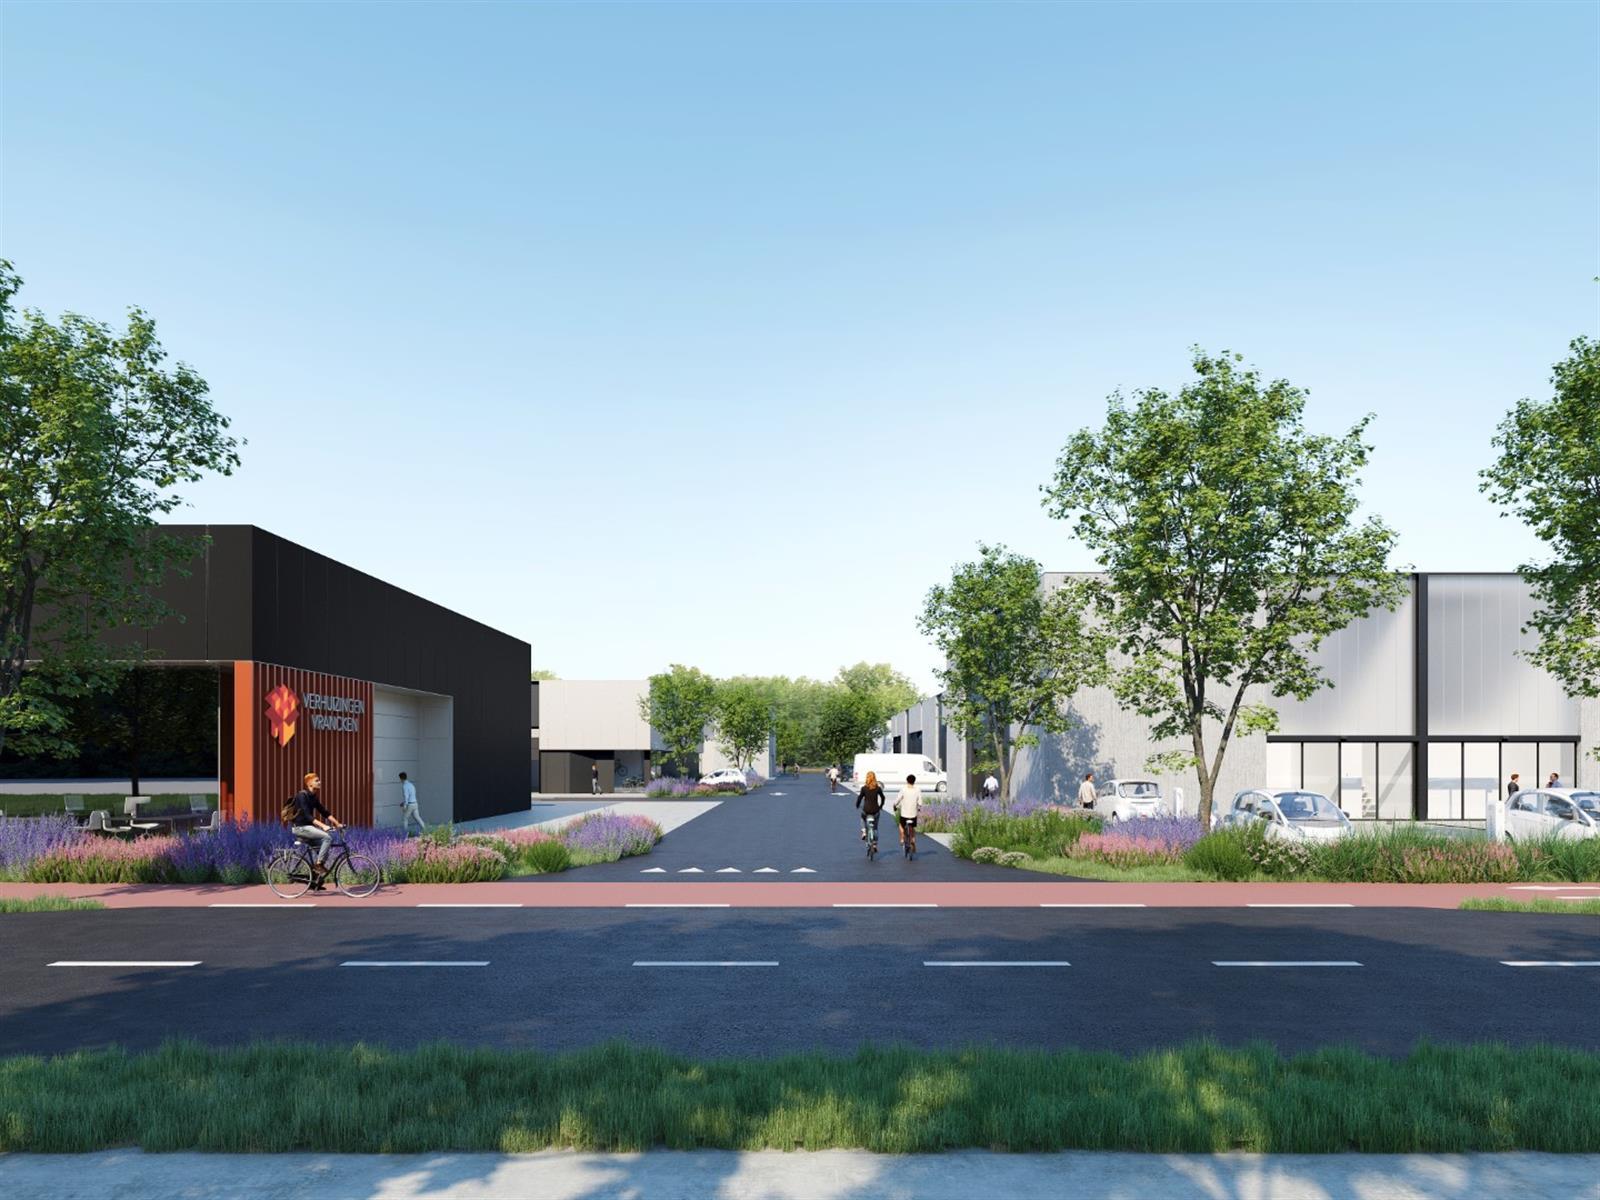 KMO-unit te koop Heros Businesspark KMO Unit 4 - Herkenrodesingel 10, 3500 Hasselt, België 5